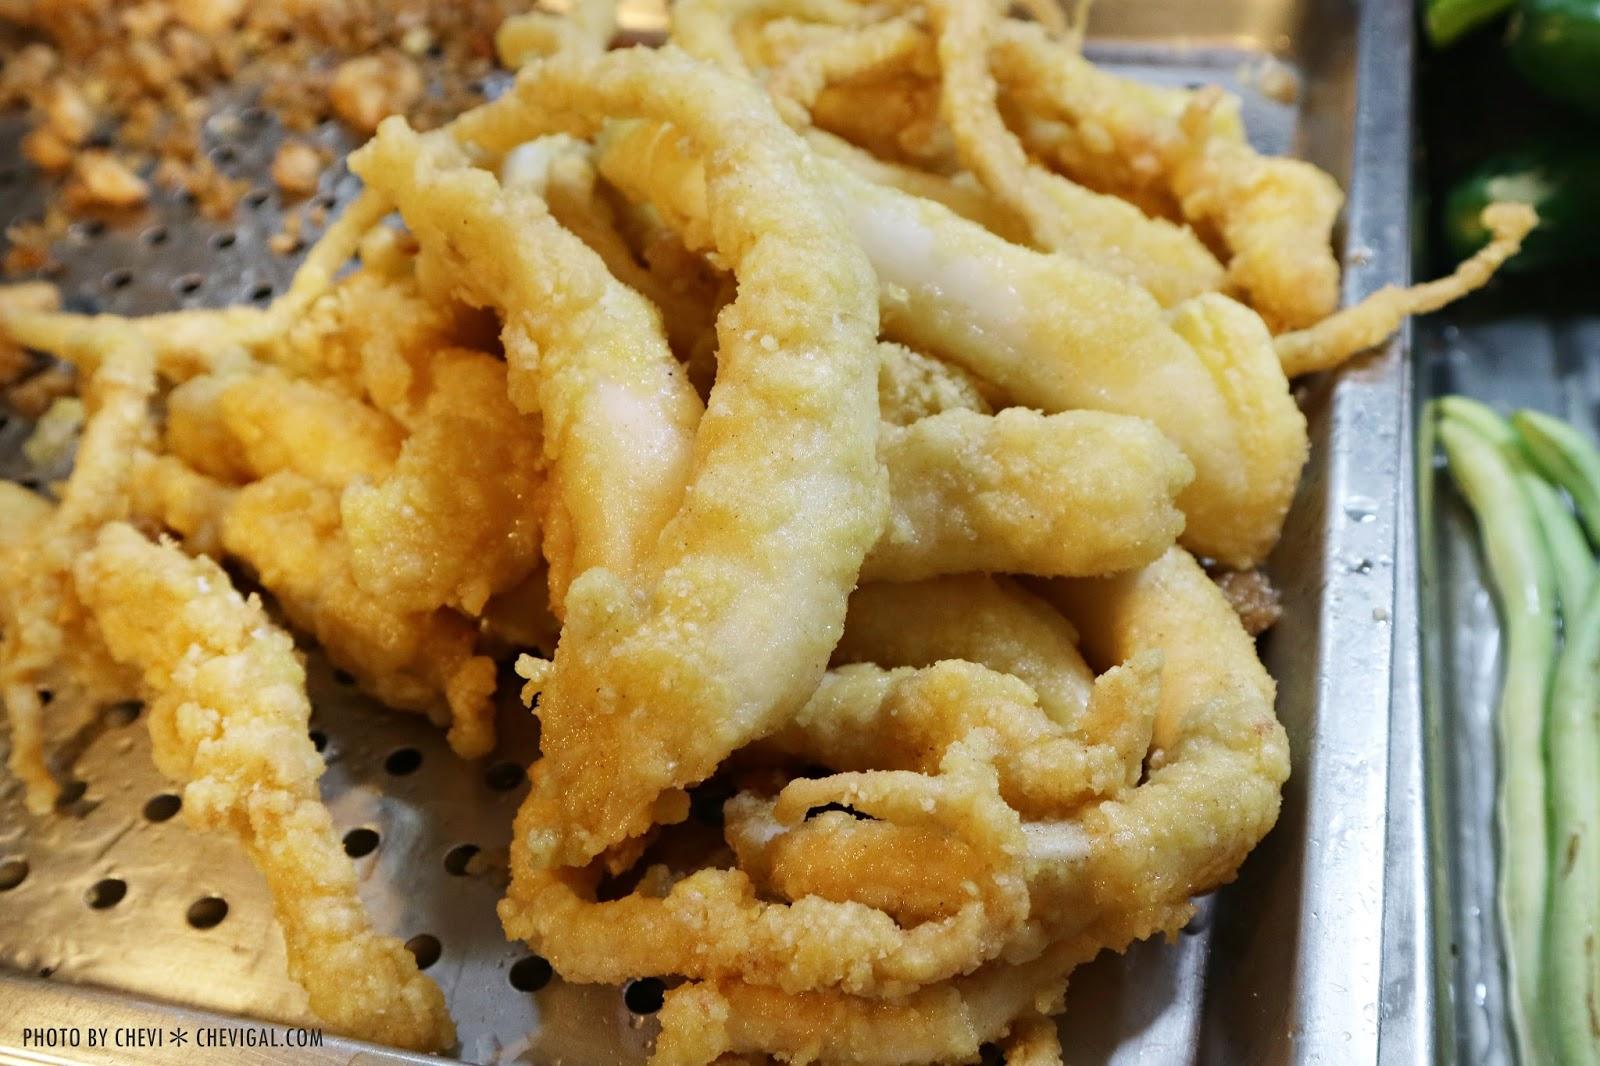 IMG 0517 - 台中烏日│香香鹽酥雞。飄香二十年的好滋味。一週只開四天別撲空囉